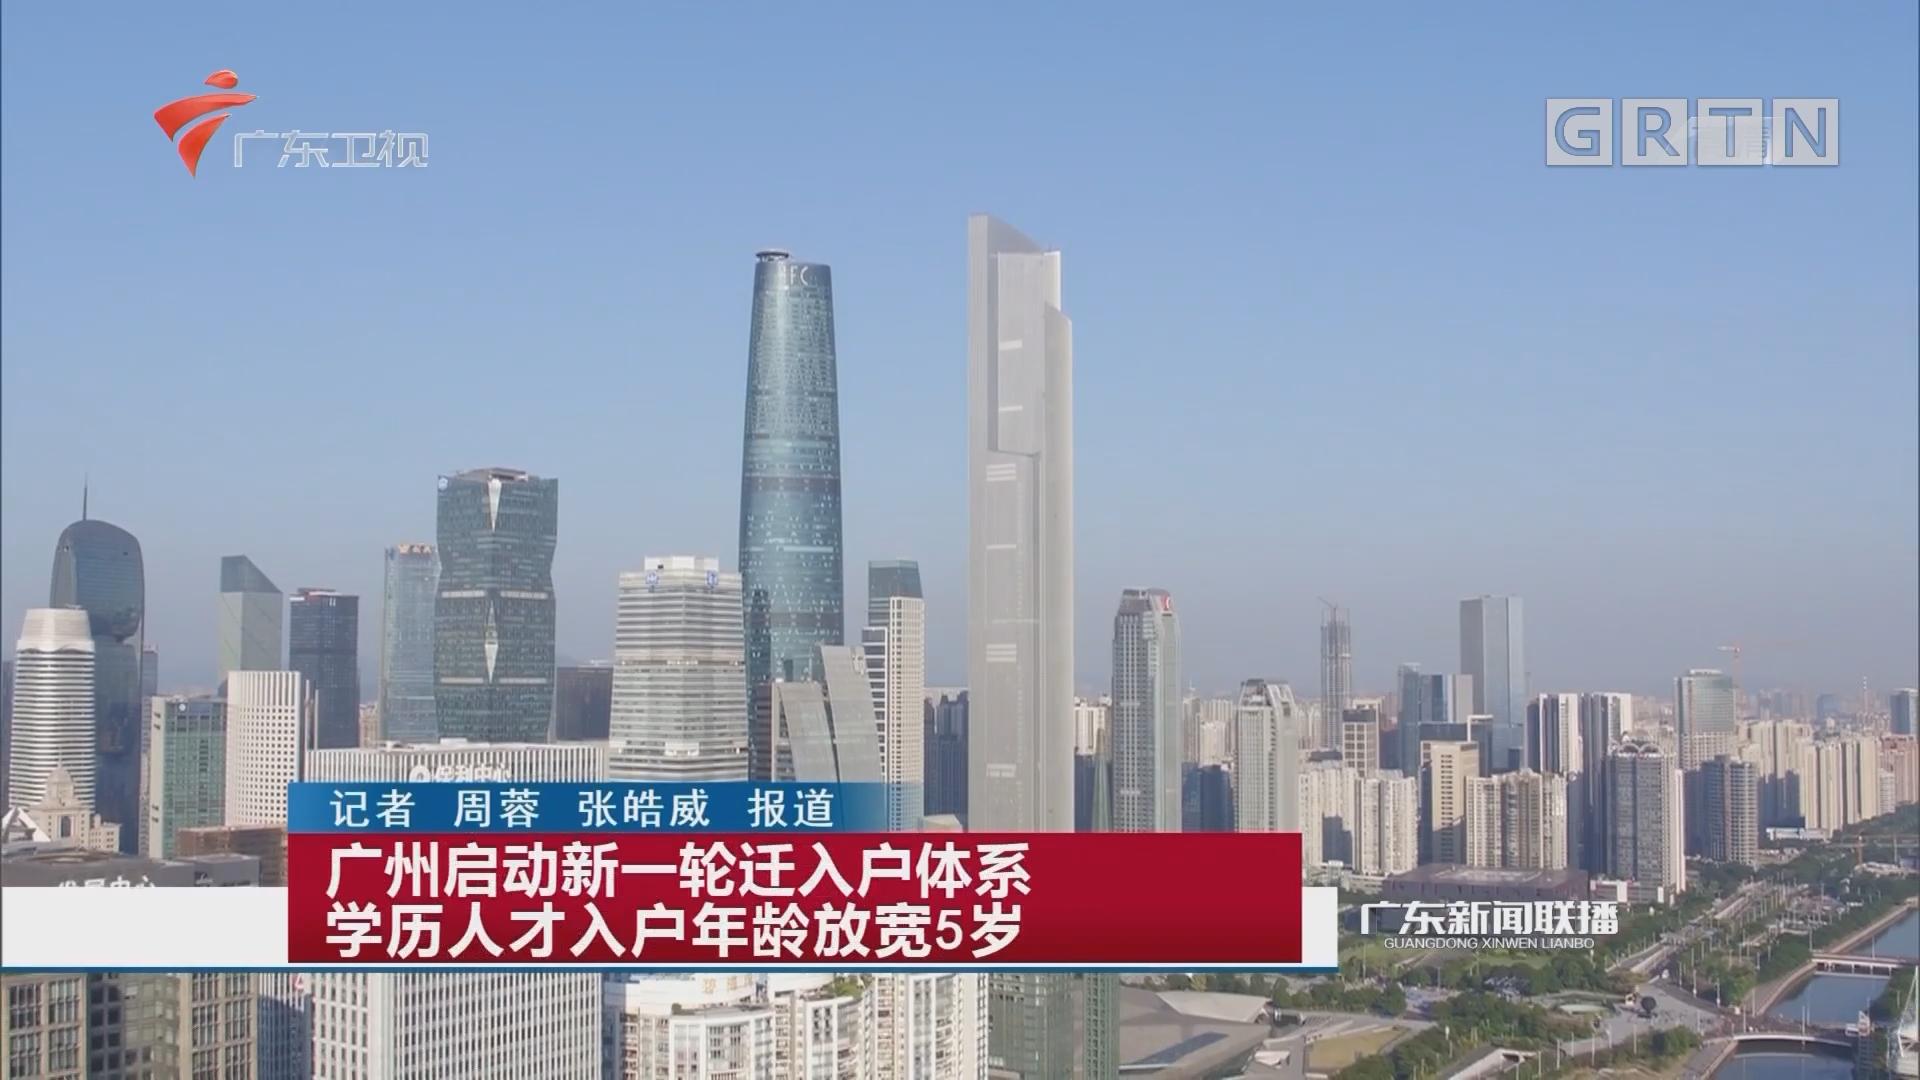 广州启动新一轮迁入户体系 学历人才入户年龄放宽5岁